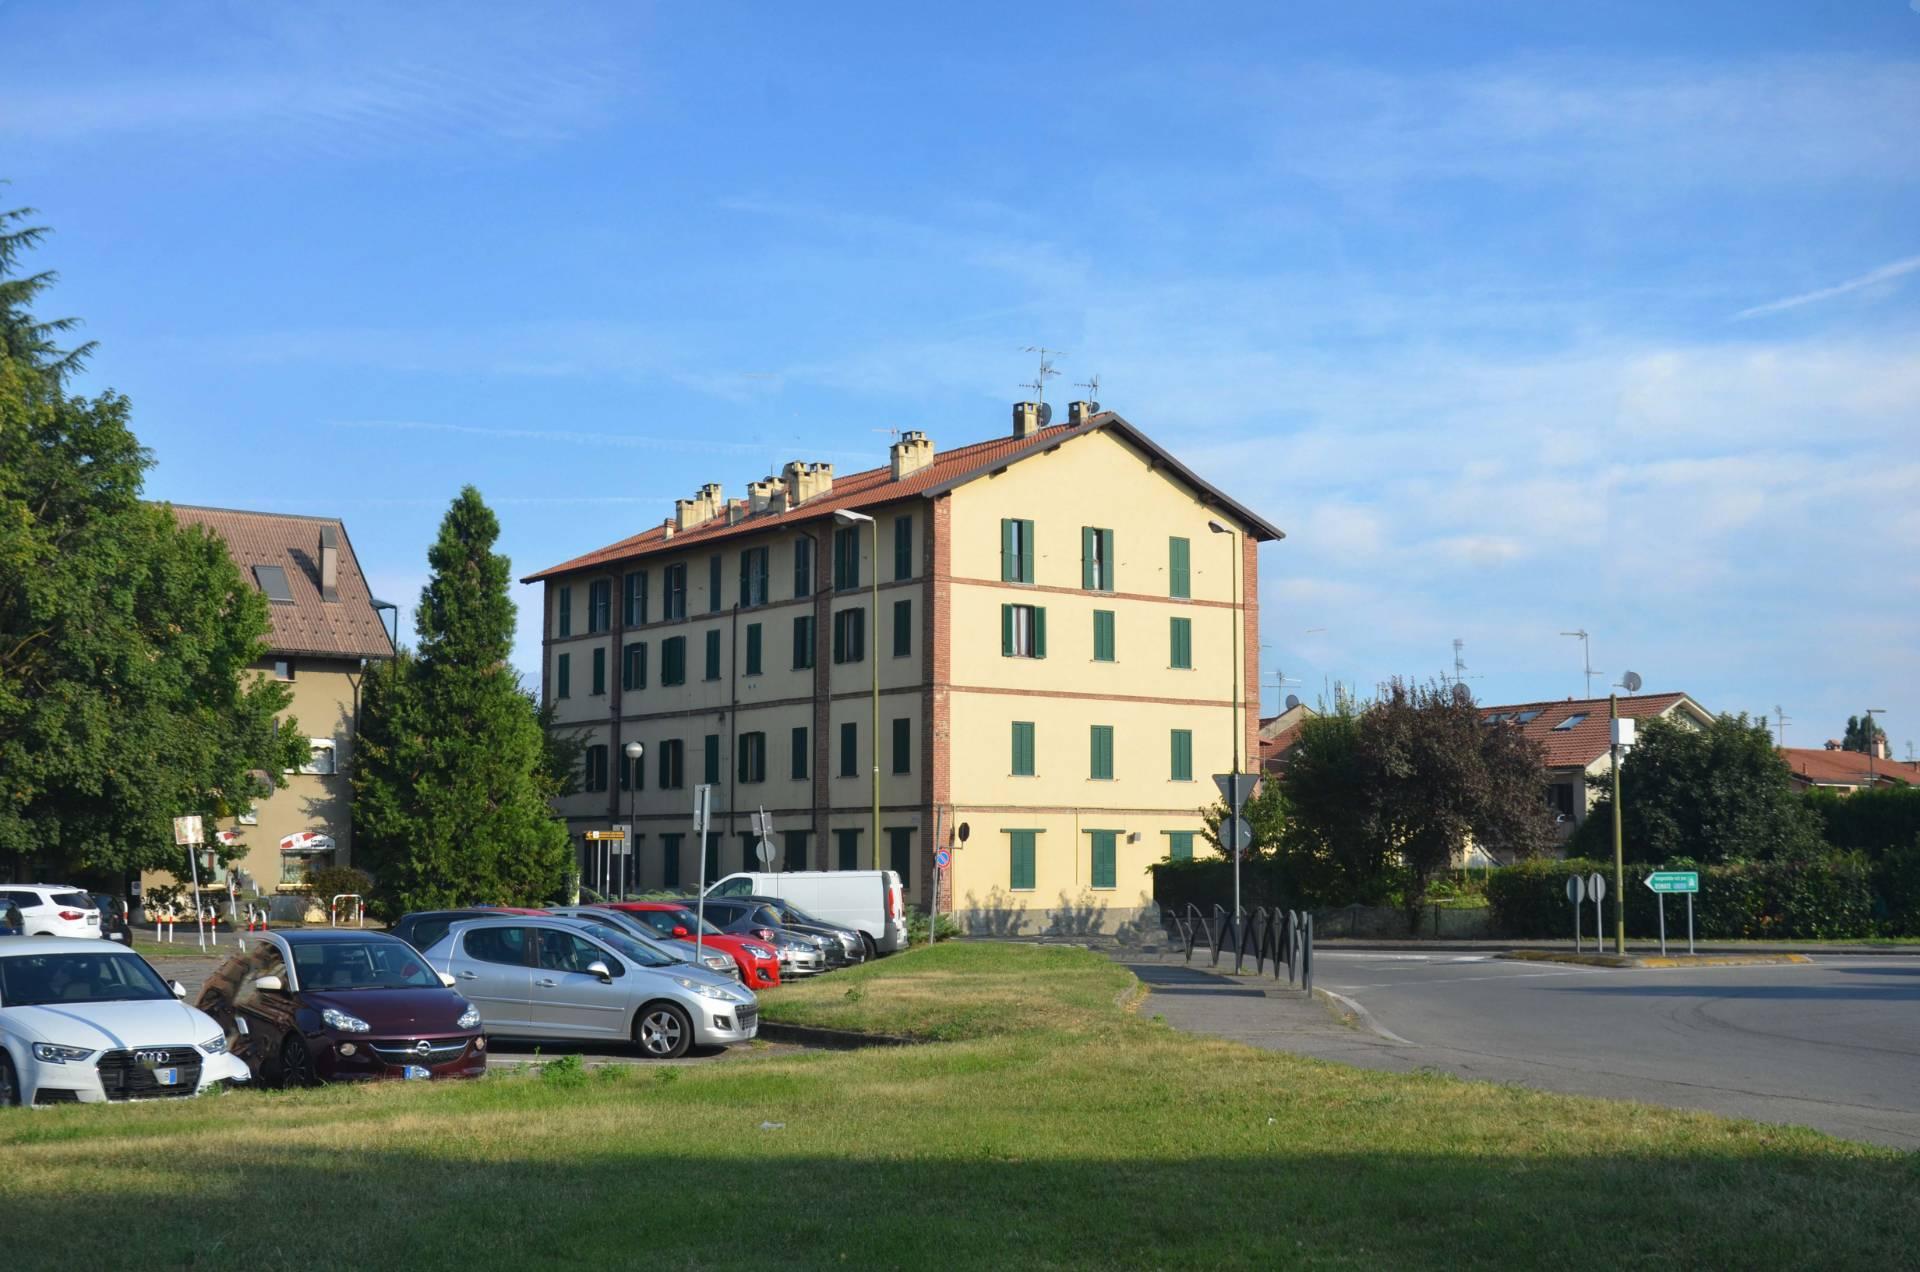 Appartamento in vendita a Vimercate, 3 locali, zona Località: CentroViaRota, prezzo € 119.000 | CambioCasa.it